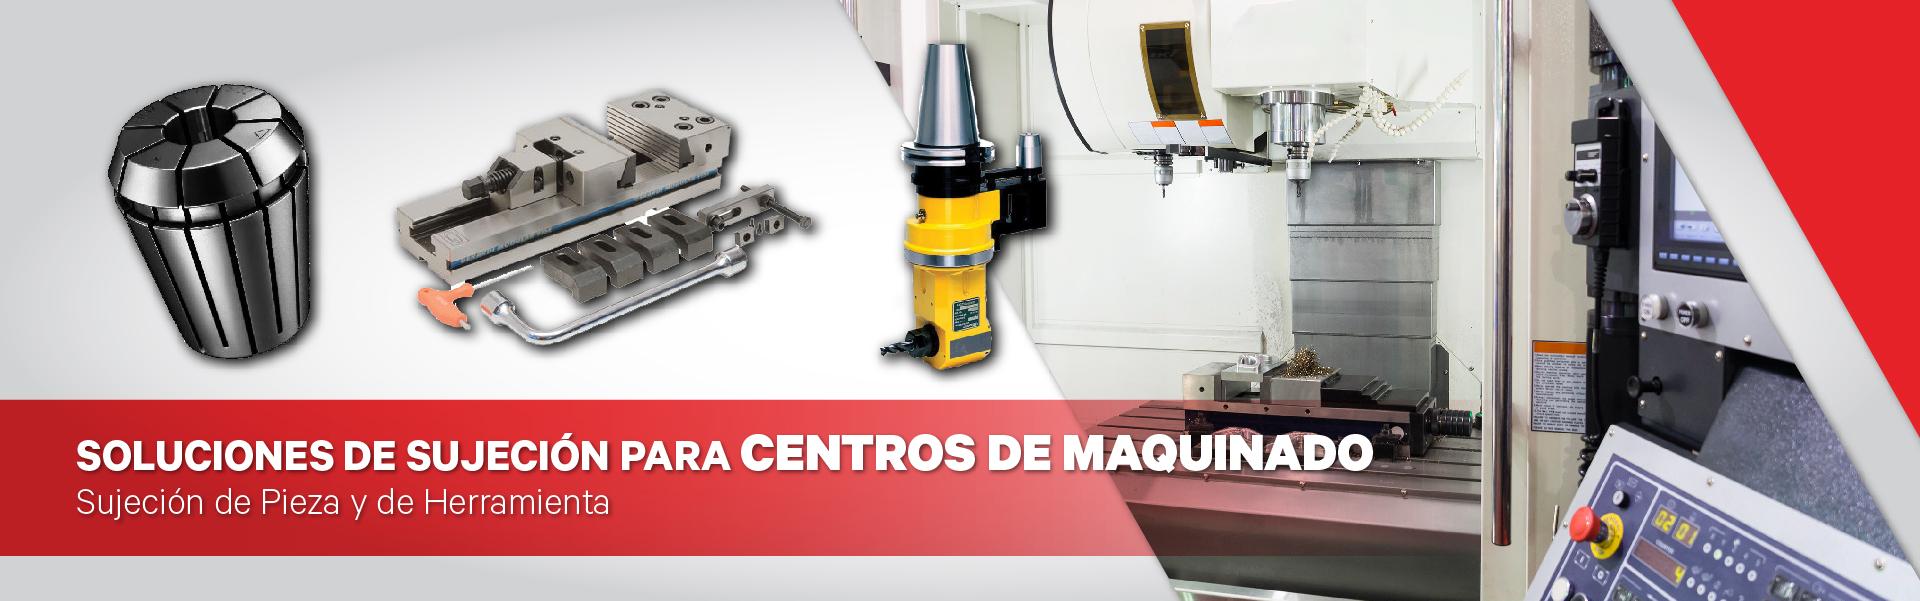 WEM_INICIO_SUJECION_CENTRO_DE_MAQUINADO